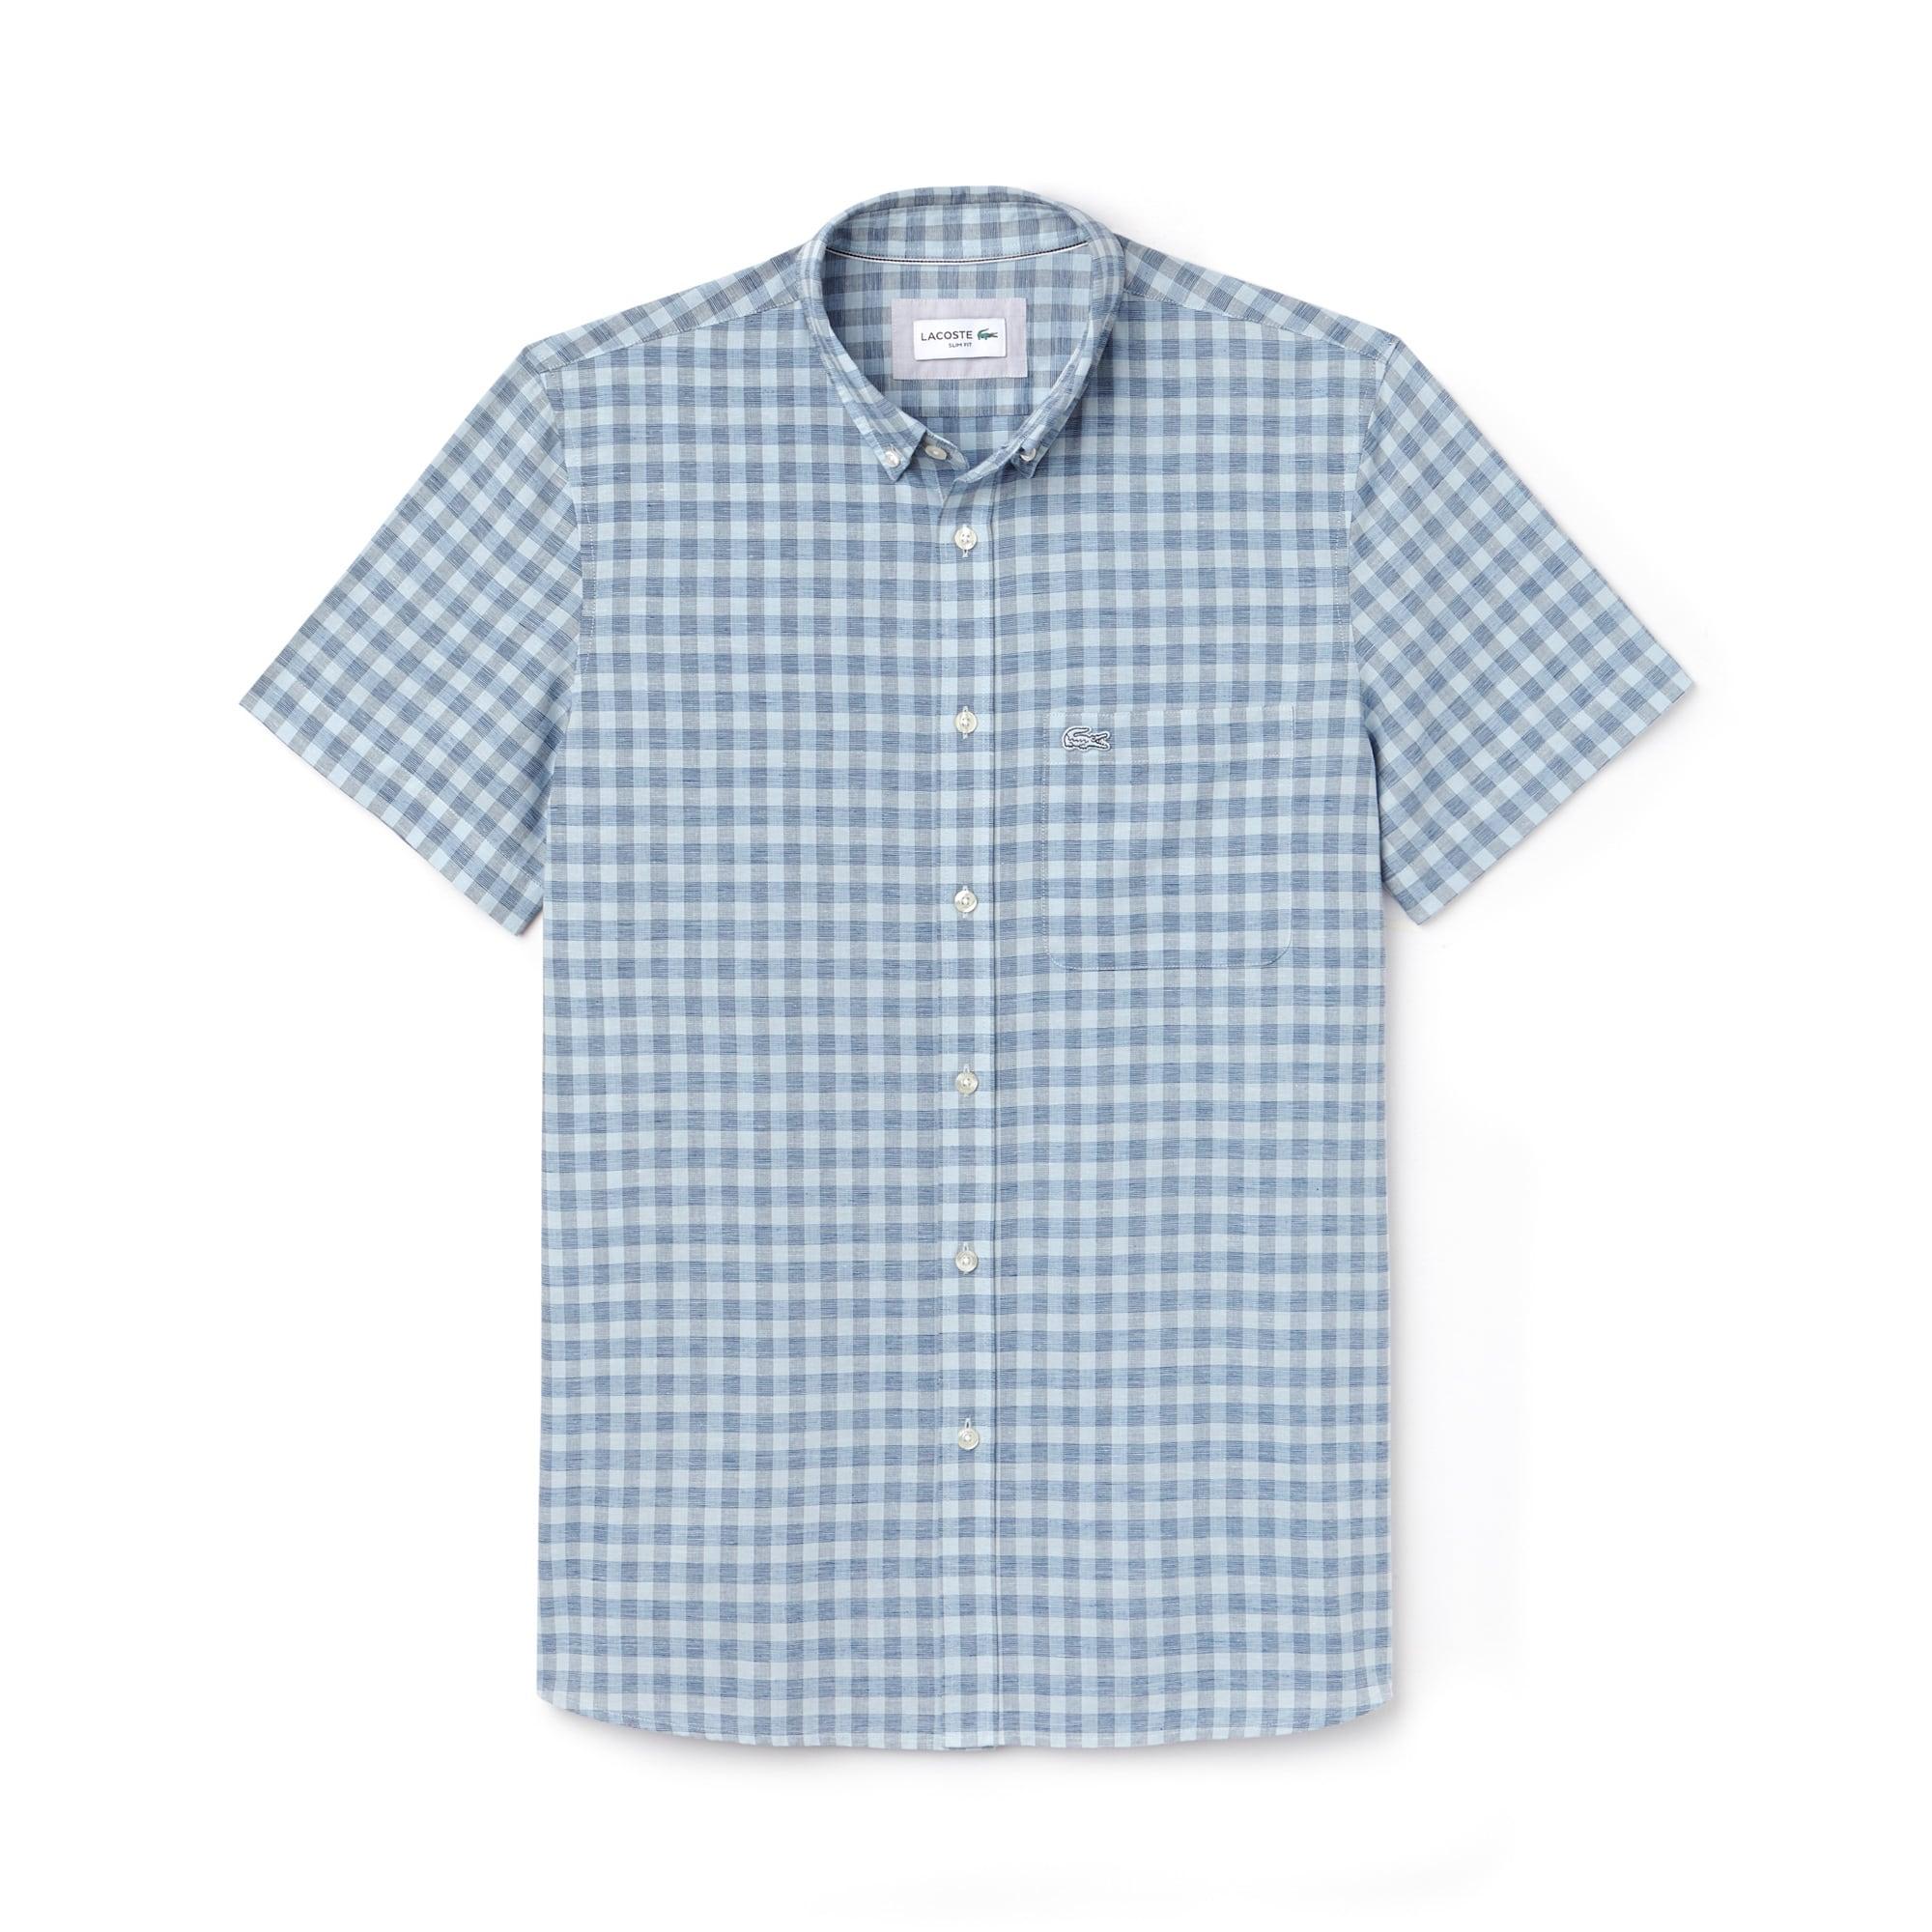 Chemise slim fit à manches courtes en popeline à carreaux